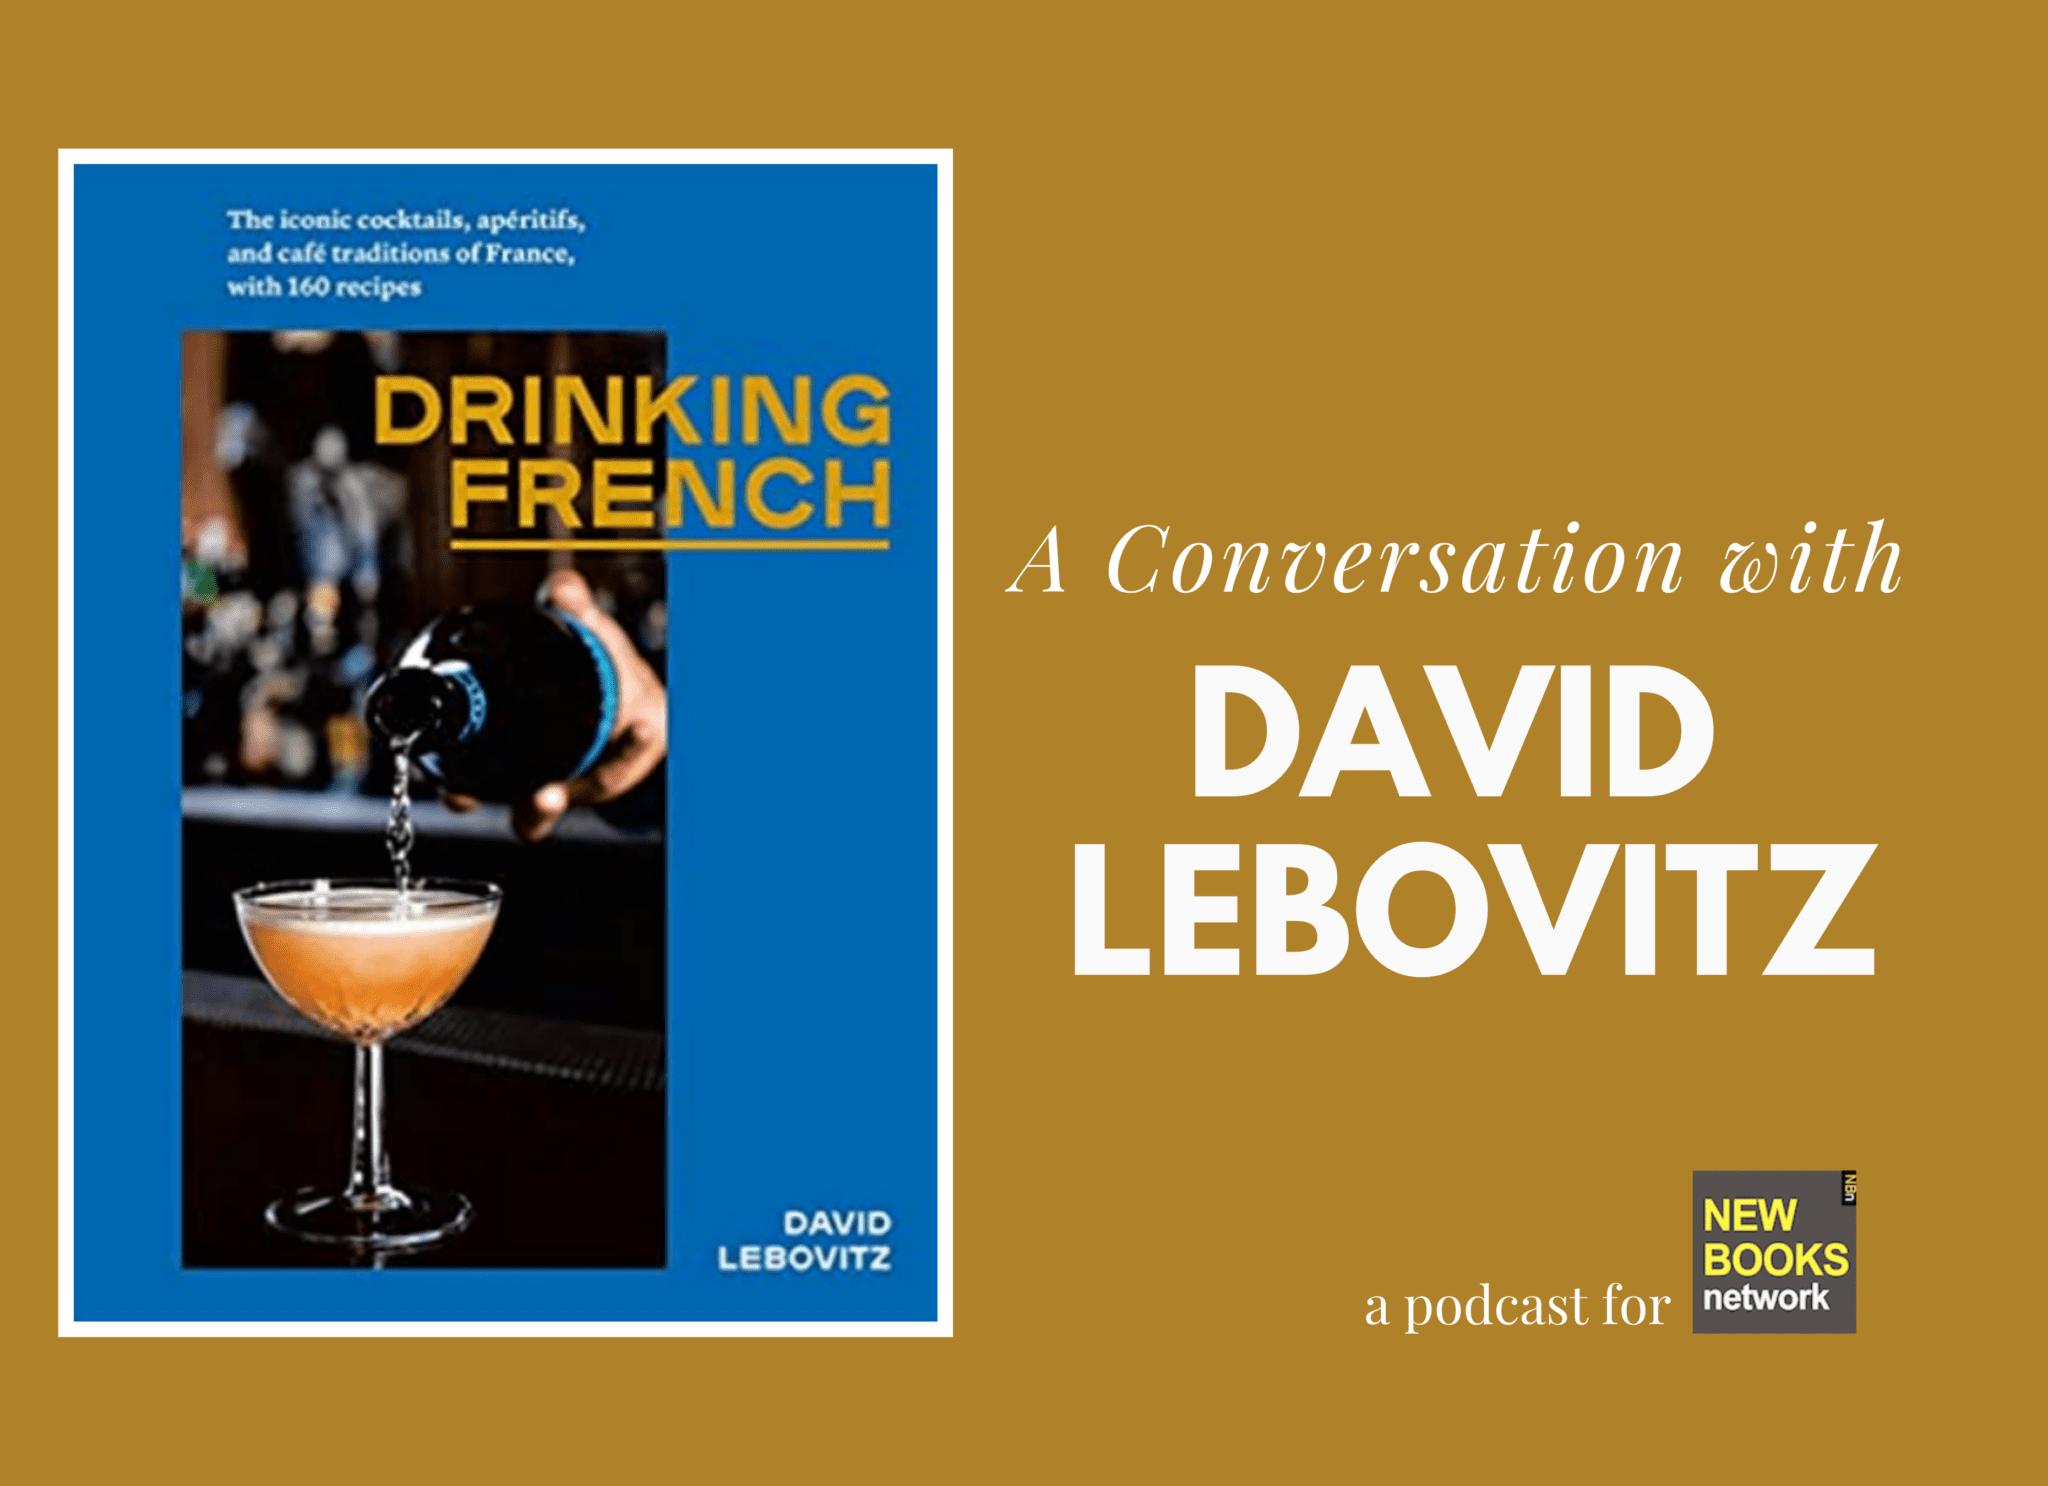 David Lebovitz Drinking French